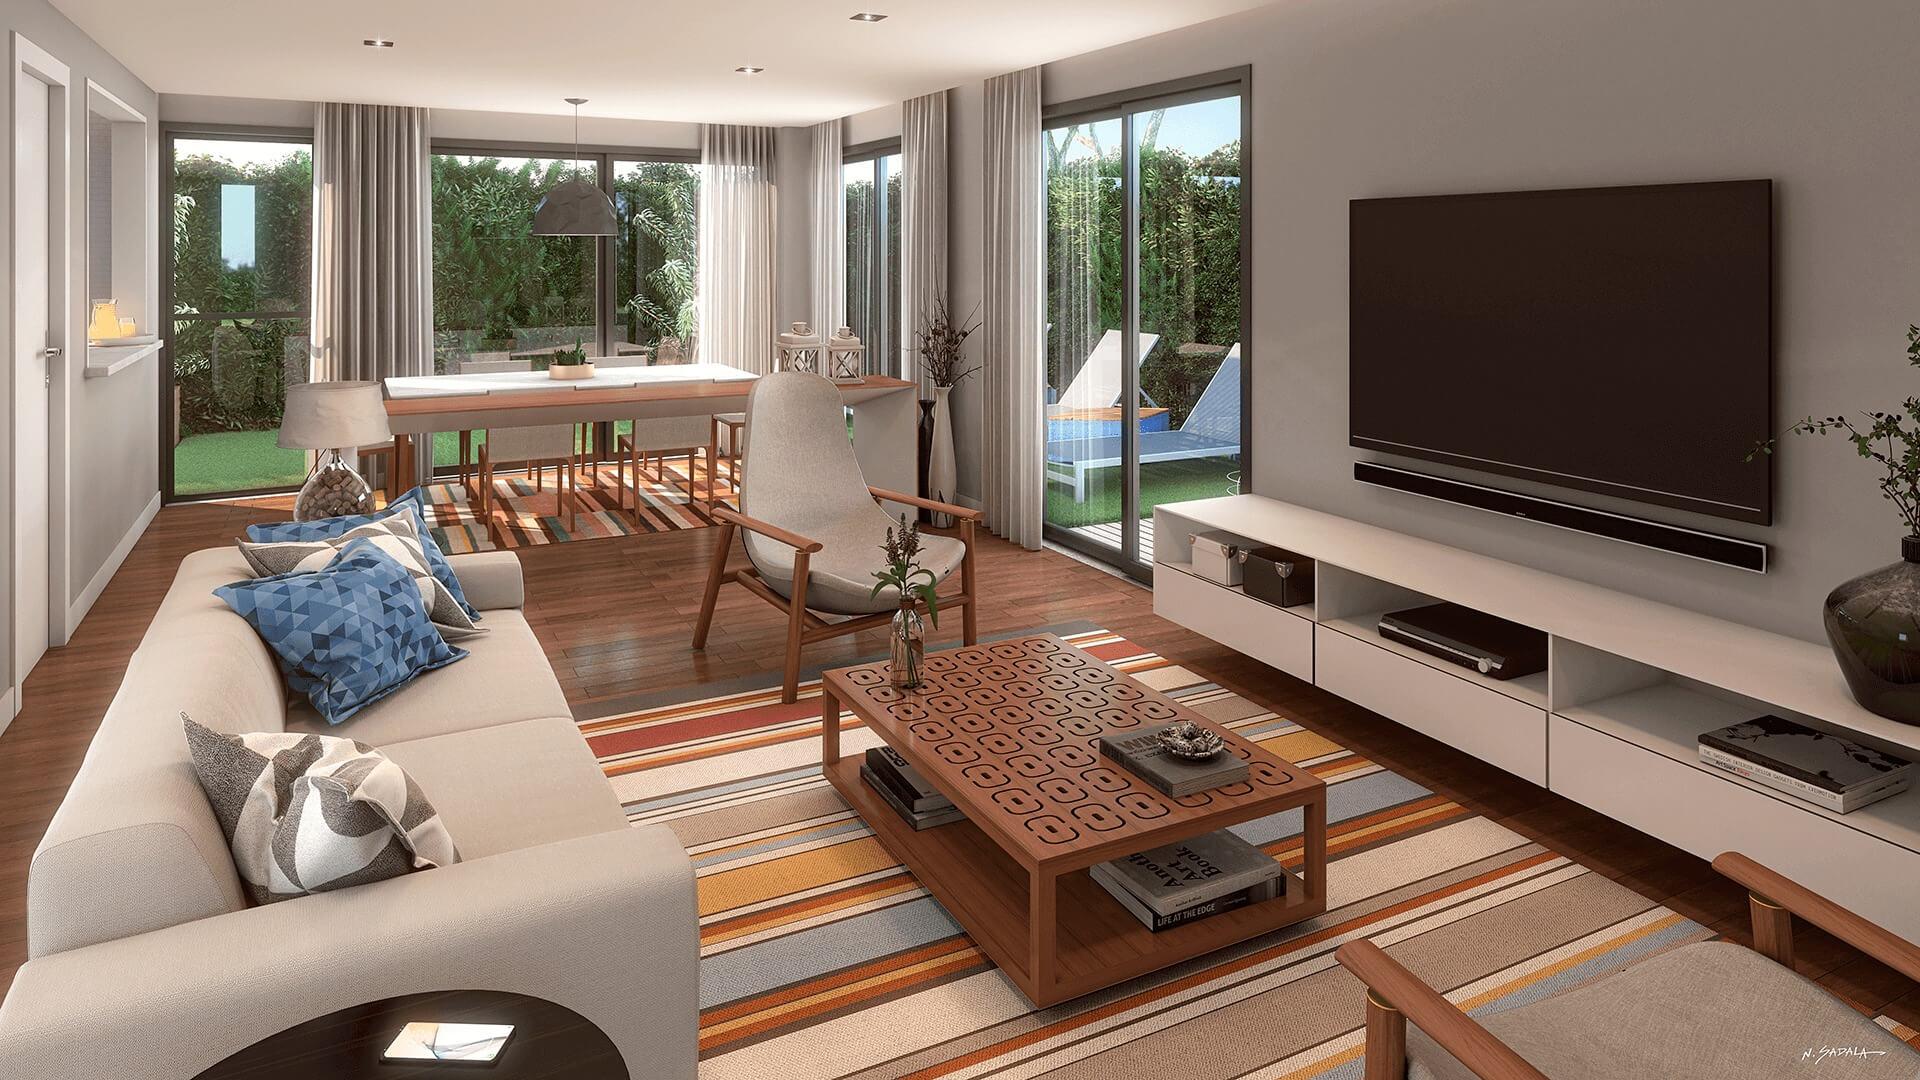 SALA do apto garden de 207 m².